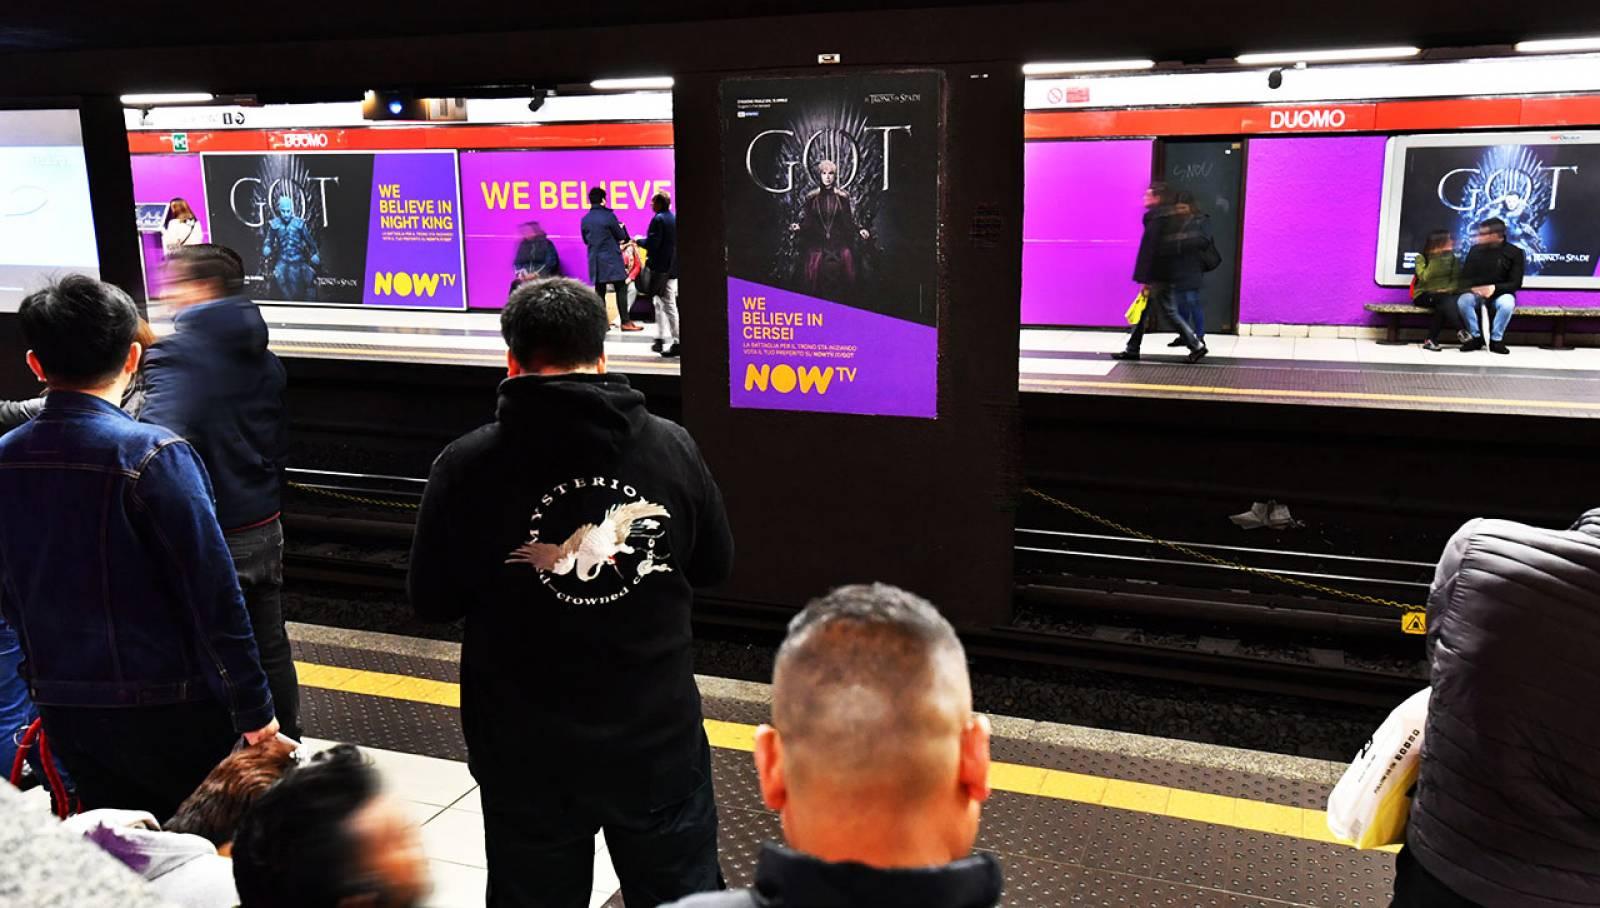 Pubblicità Out of Home in metropolitana a Milano IGPDecaux Station Domination per il Trono di Spade Now TV